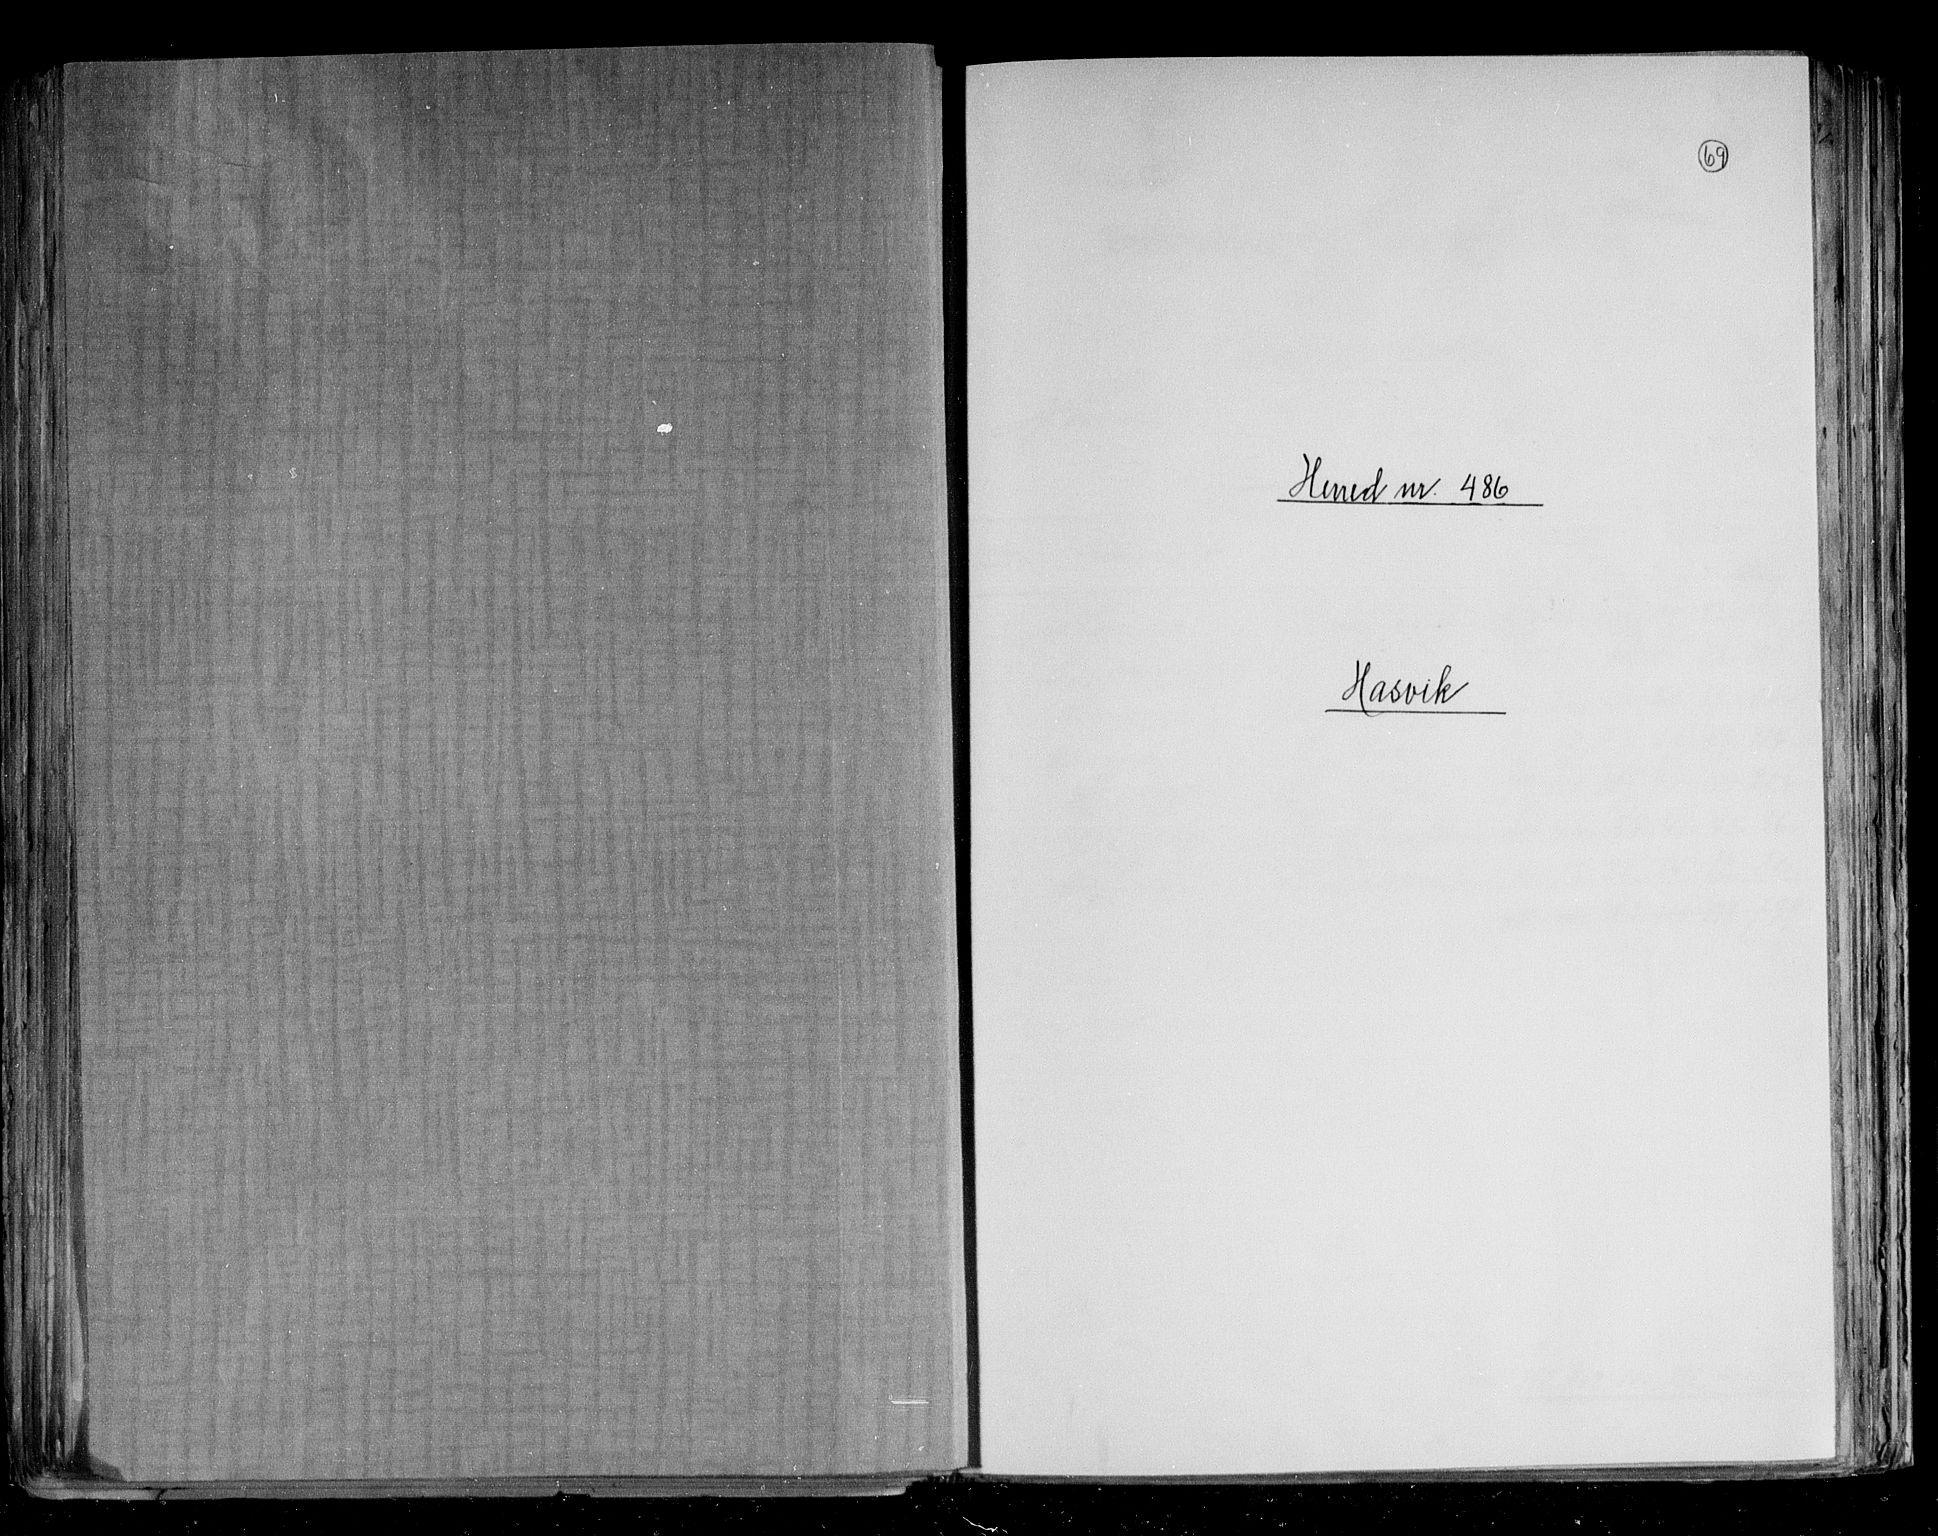 RA, Folketelling 1891 for 2015 Hasvik herred, 1891, s. 1